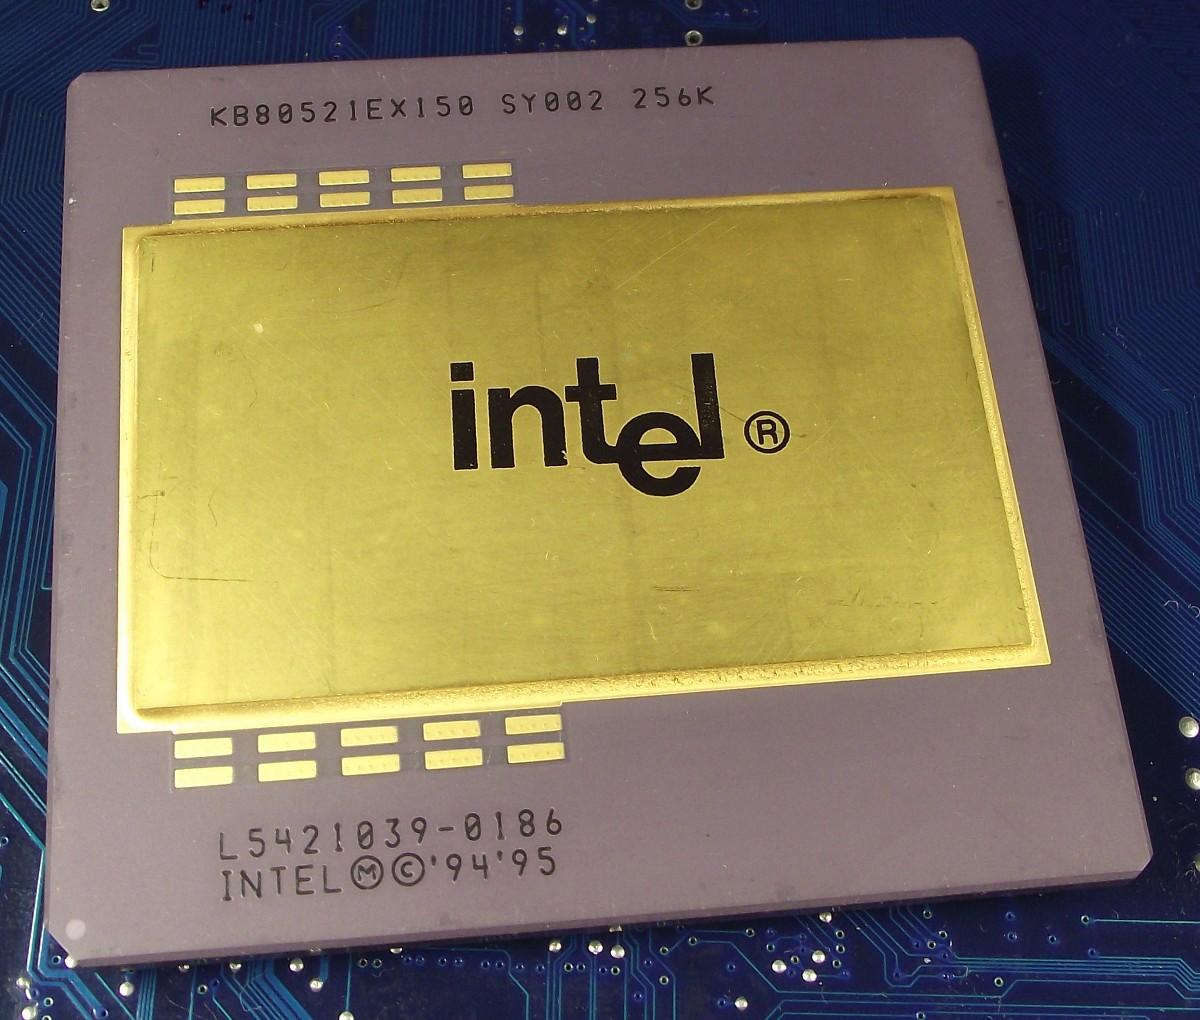 Intel_PPro_KB80521EX150_SY002_256K_top.jpg